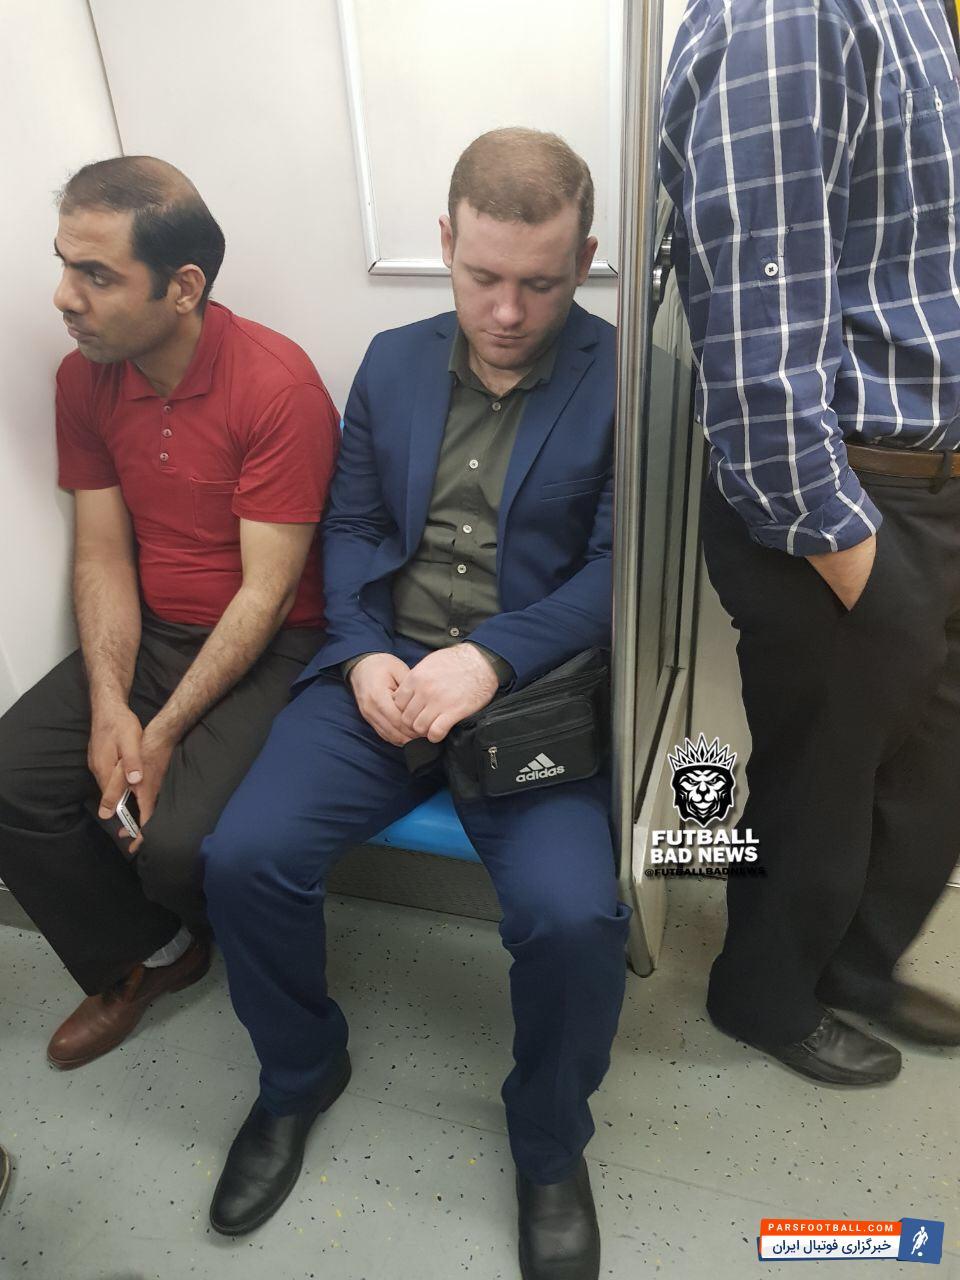 بدل وین رونی در متروی تهران